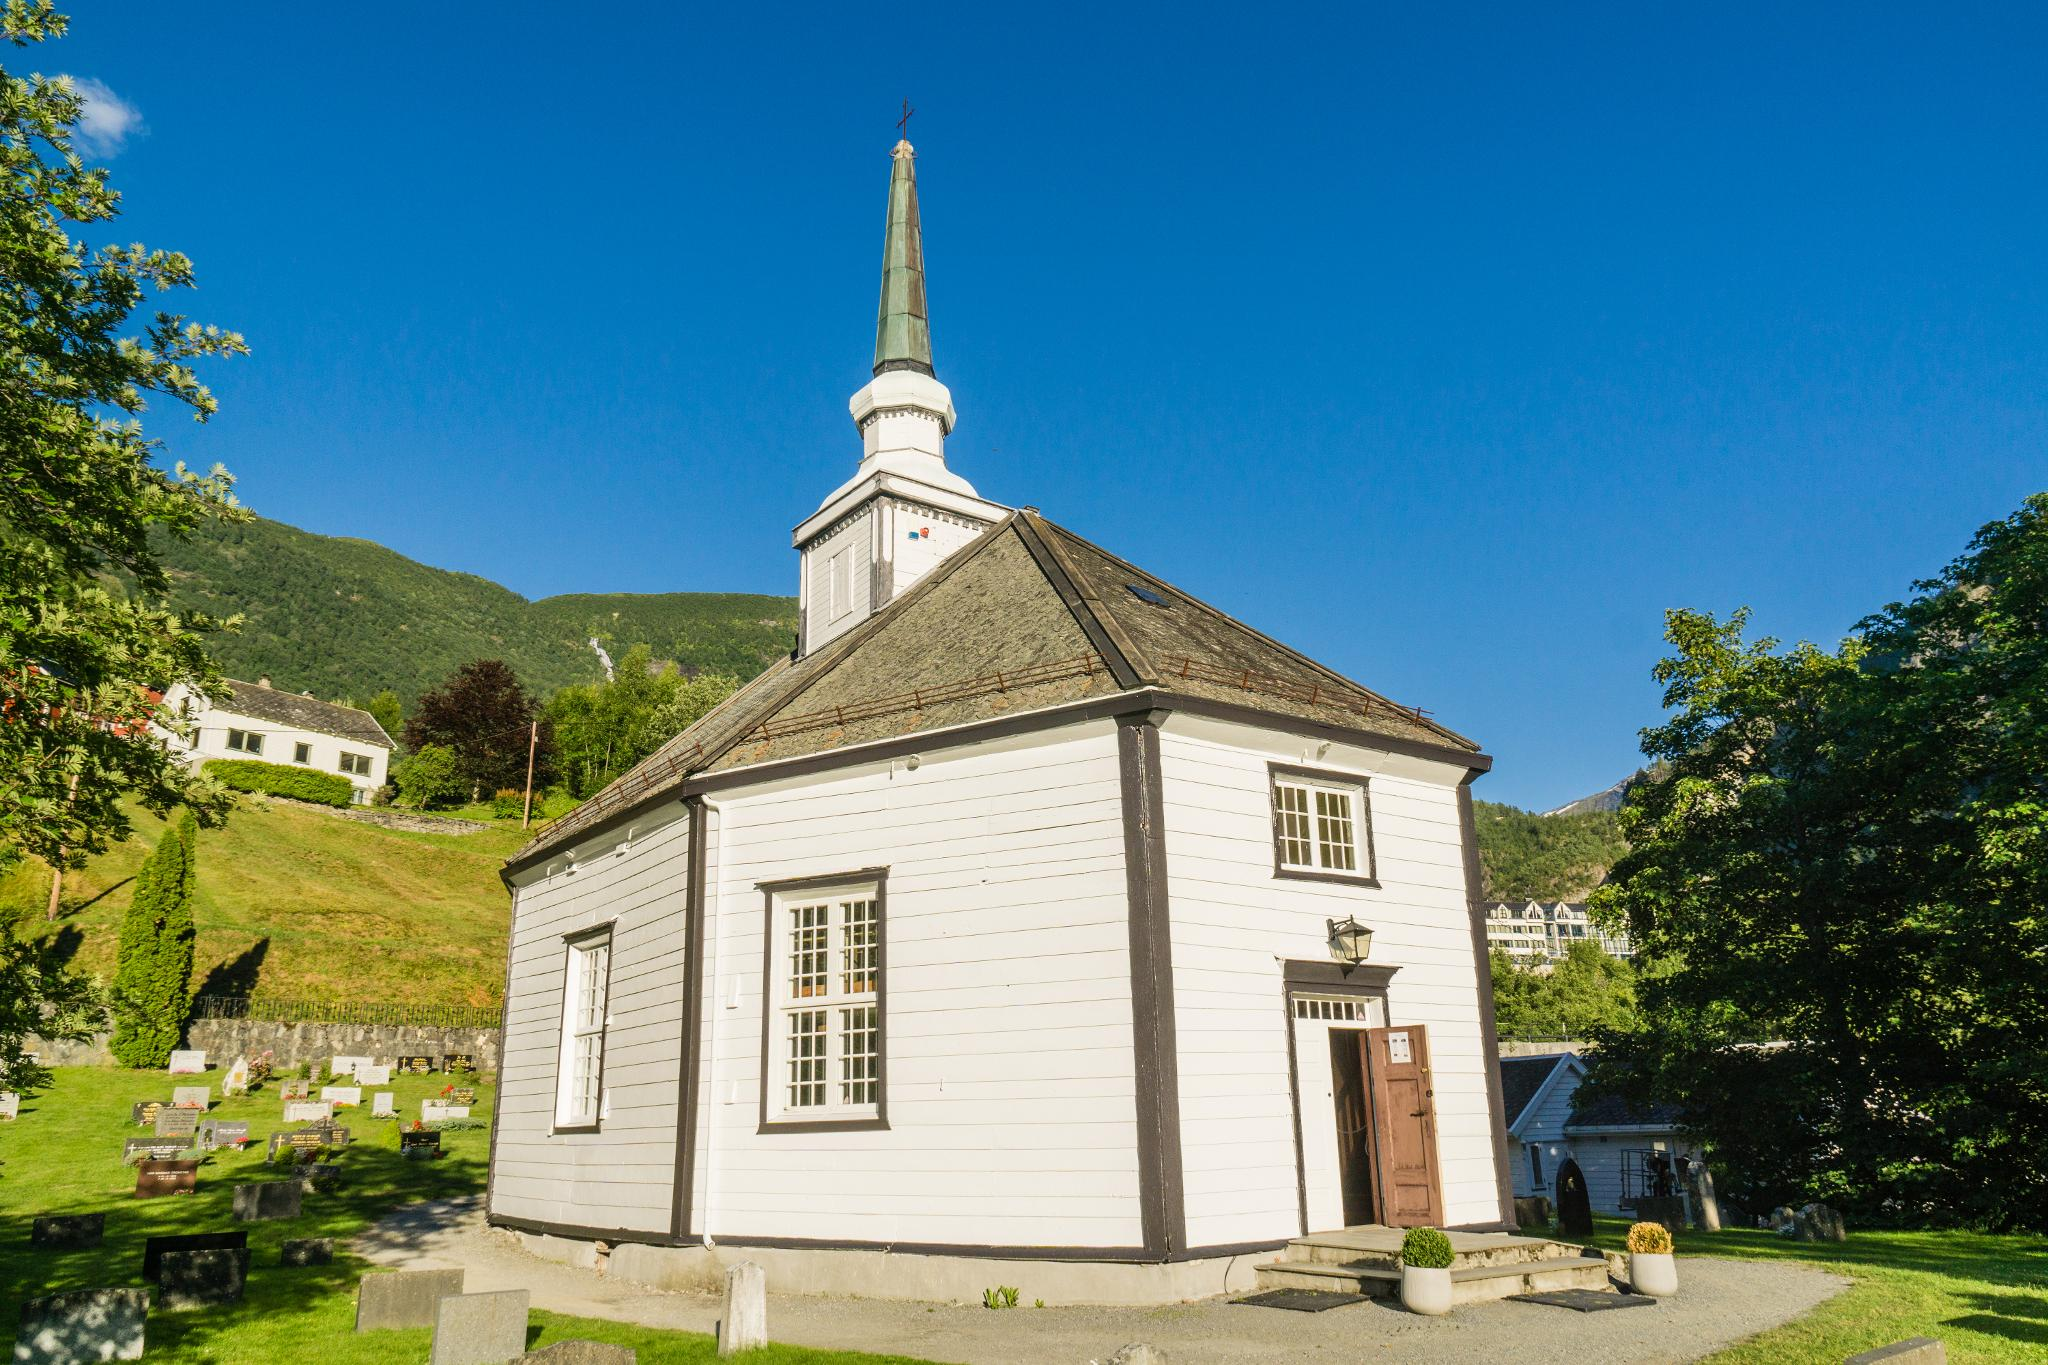 【北歐景點】Ørnesvingen 老鷹之路 ∣ 挪威世界遺產 — 蓋倫格峽灣景點總整理 37